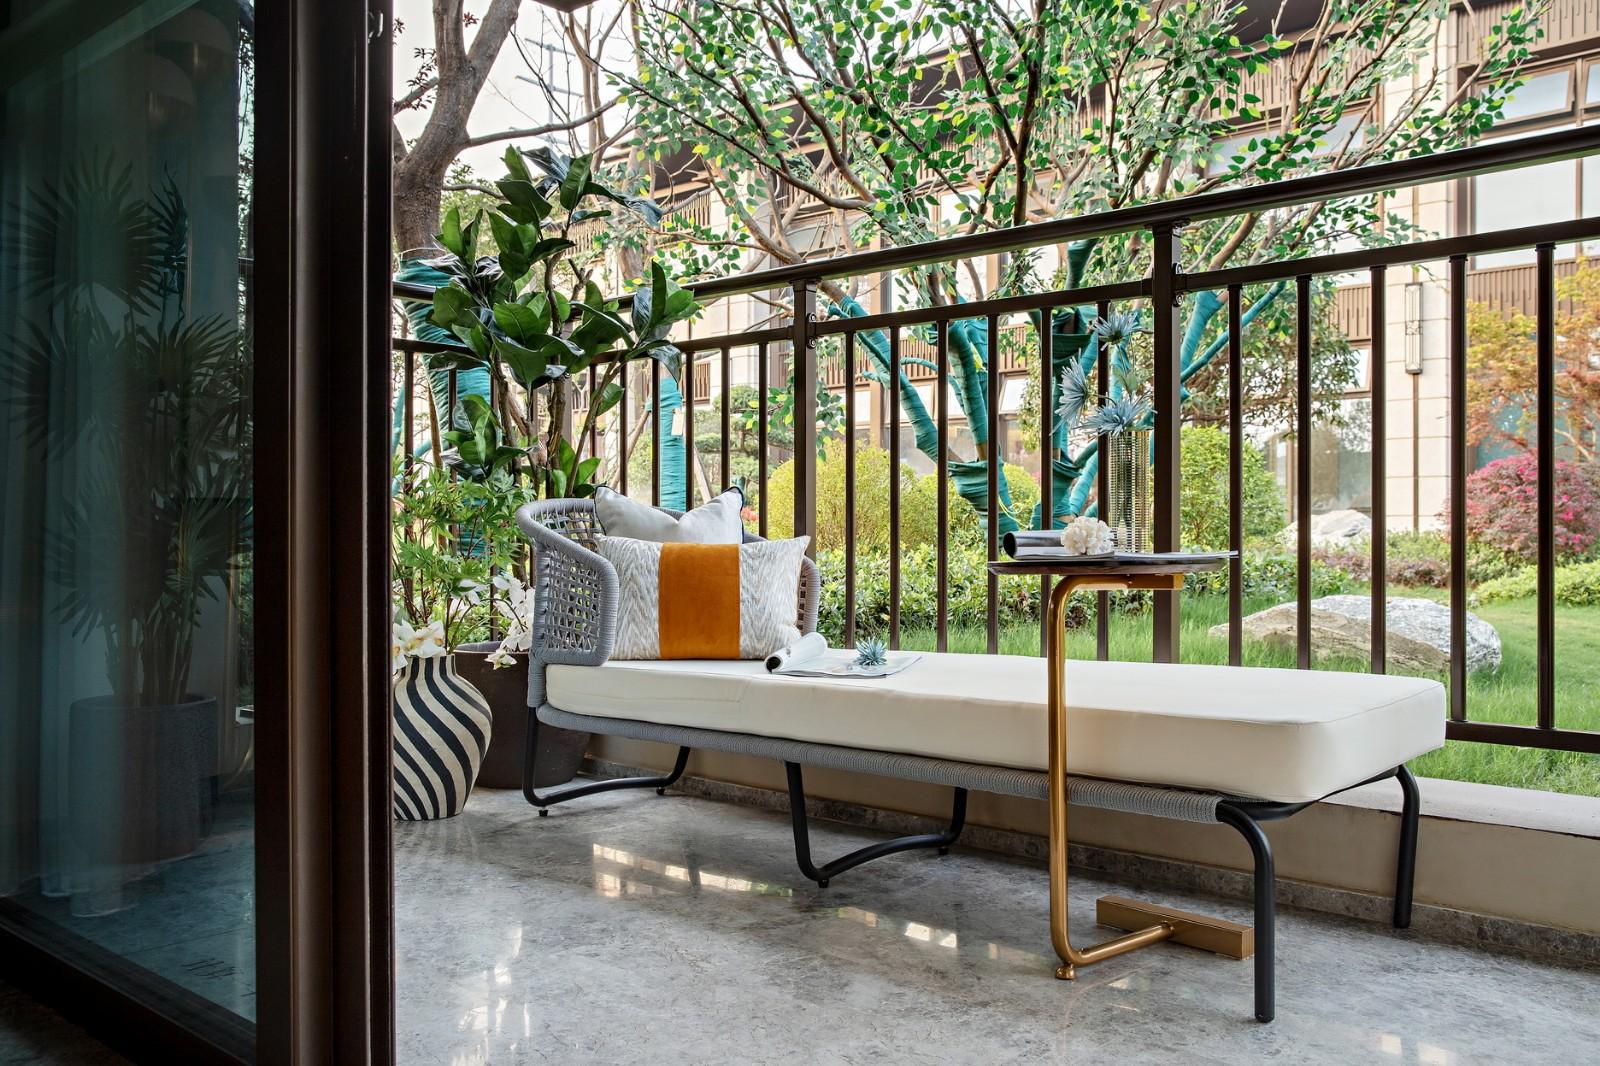 在阳台置一台舒适的躺椅,徜徉在书中世界,阳光透过绿叶将光芒洒射在书上星星点点,感受岁月静好~